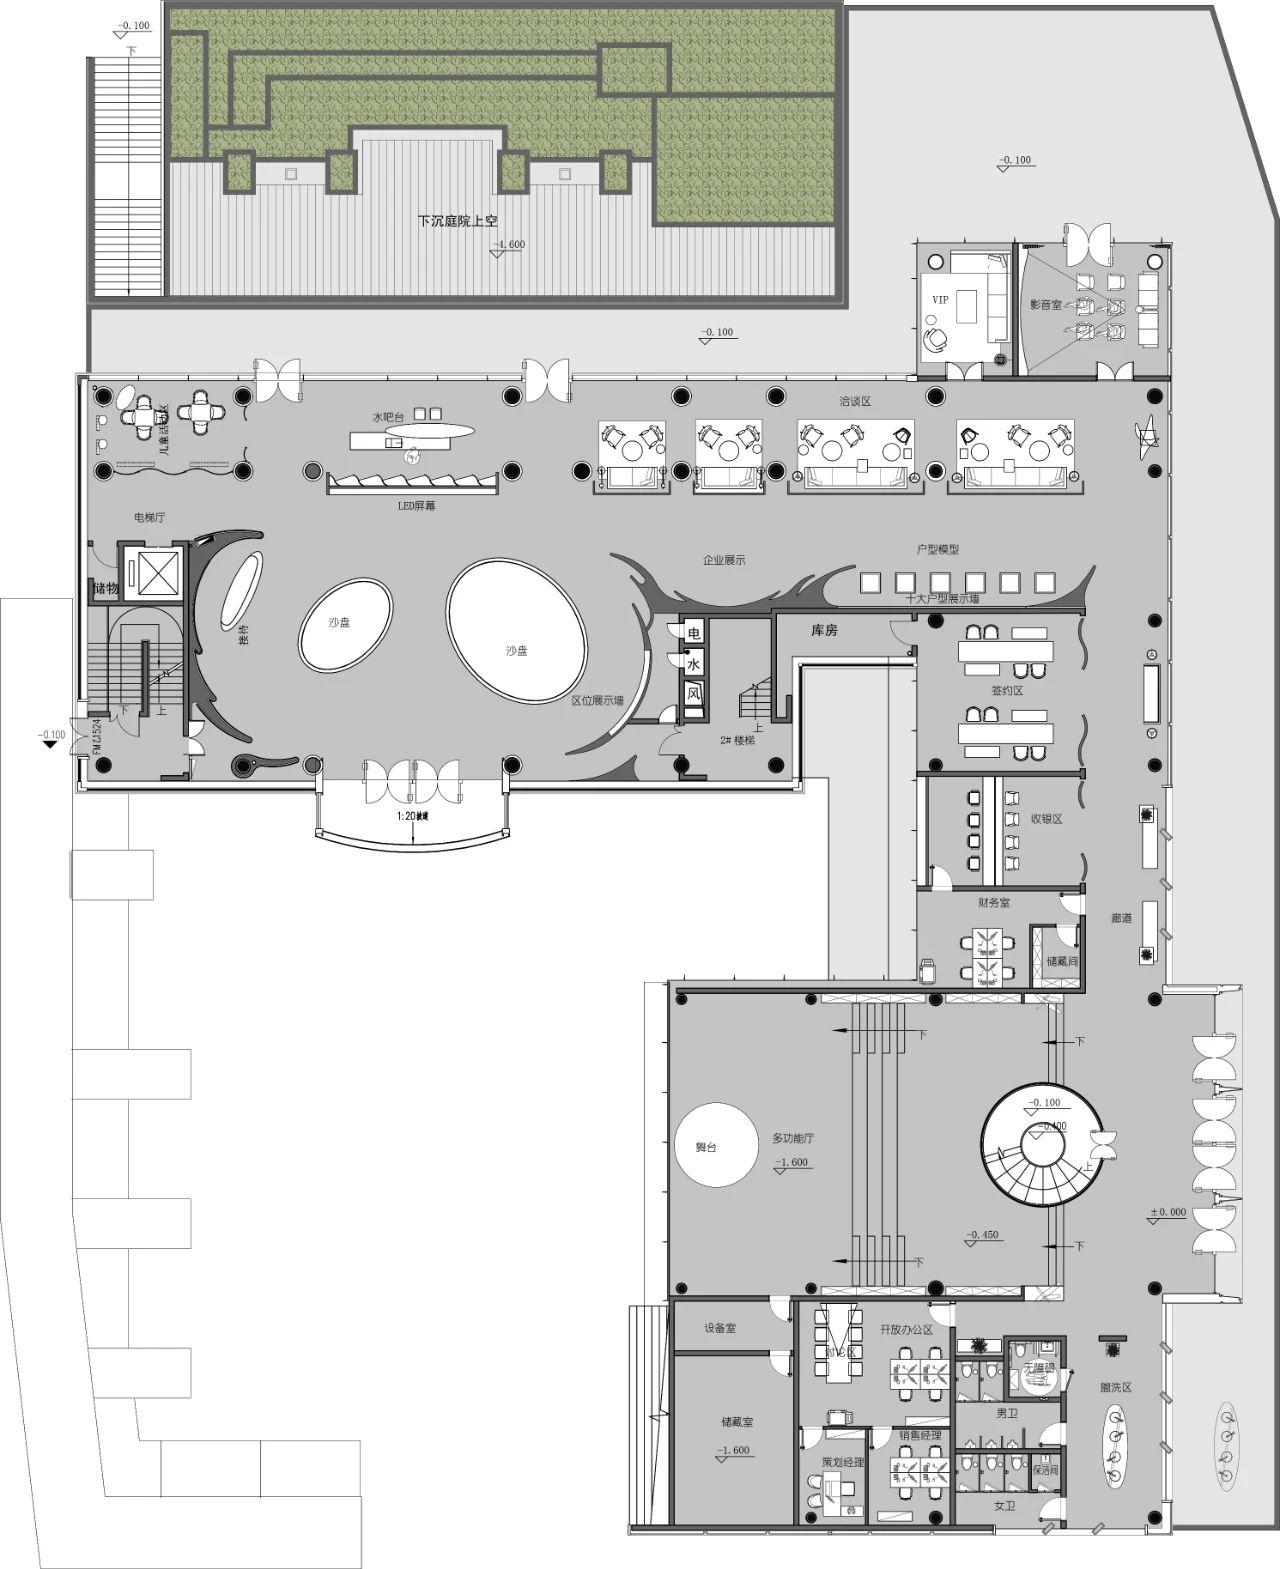 华侨城丽江逐水阁营销中心 室内设计  / DAS大森设计